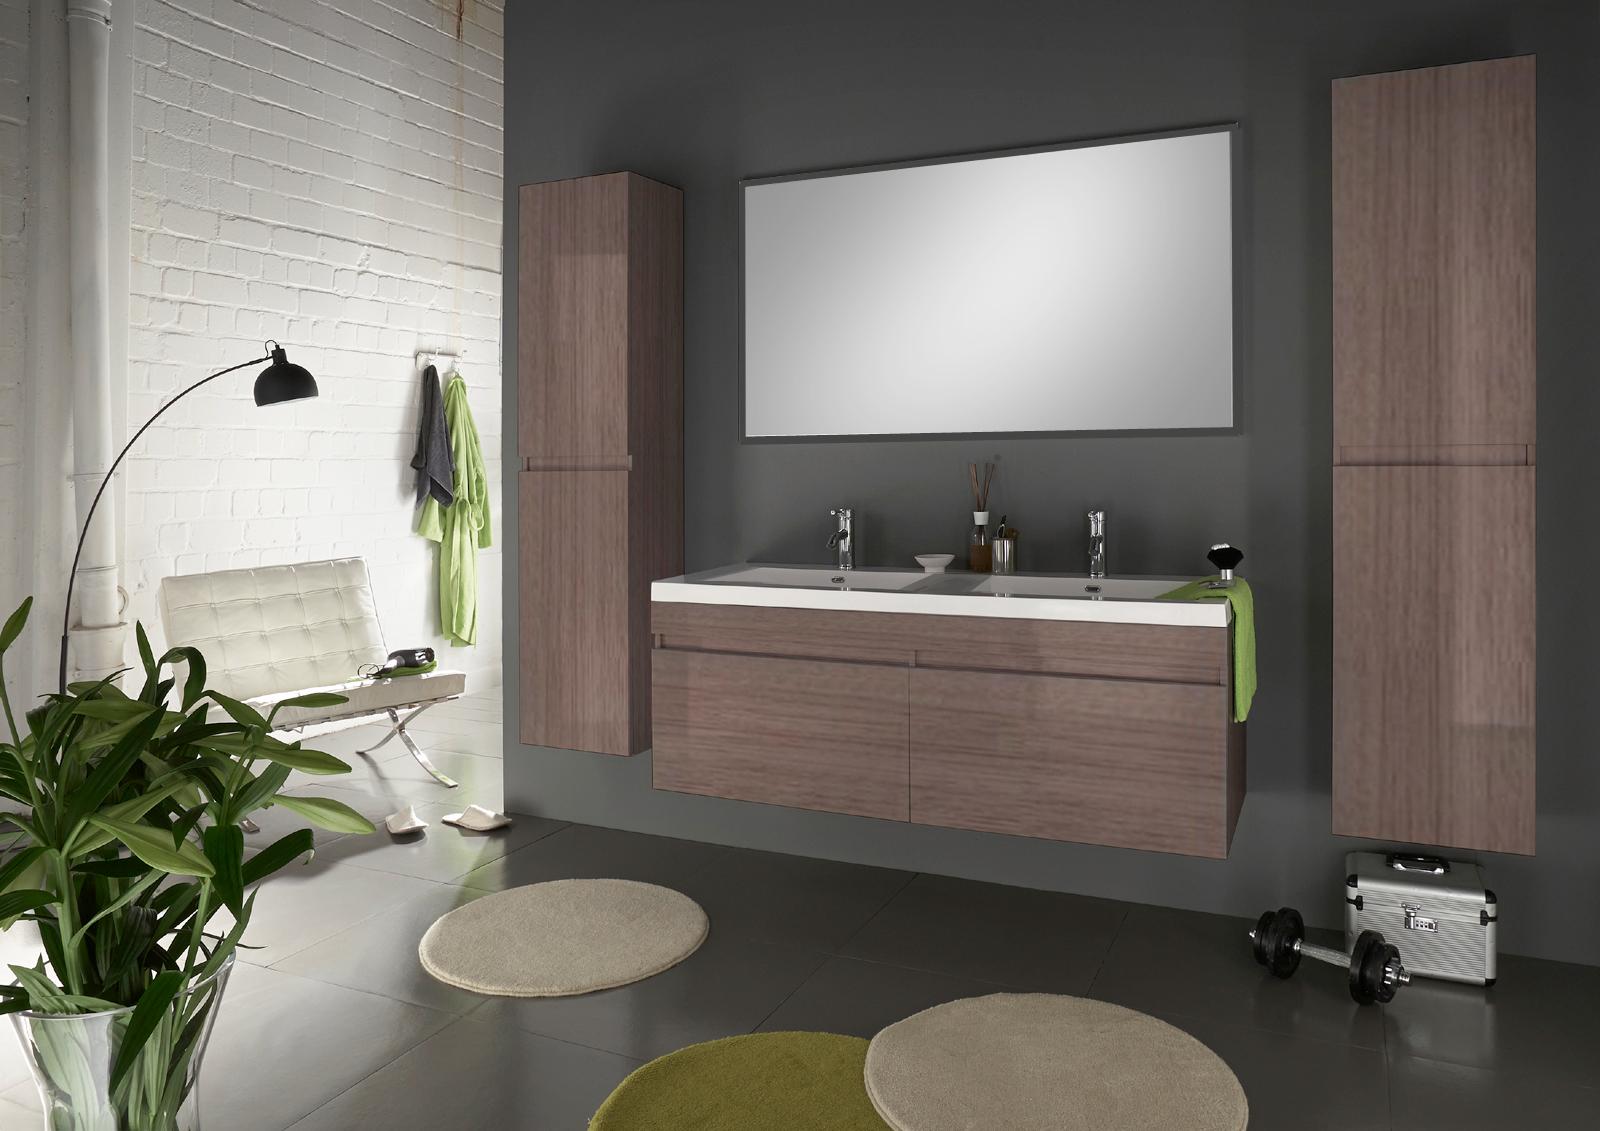 Badezimmermöbel doppelwaschbecken  SAM® Badmöbel Set 4tlg Doppelwaschtisch 140 cm trüffeleiche Parma